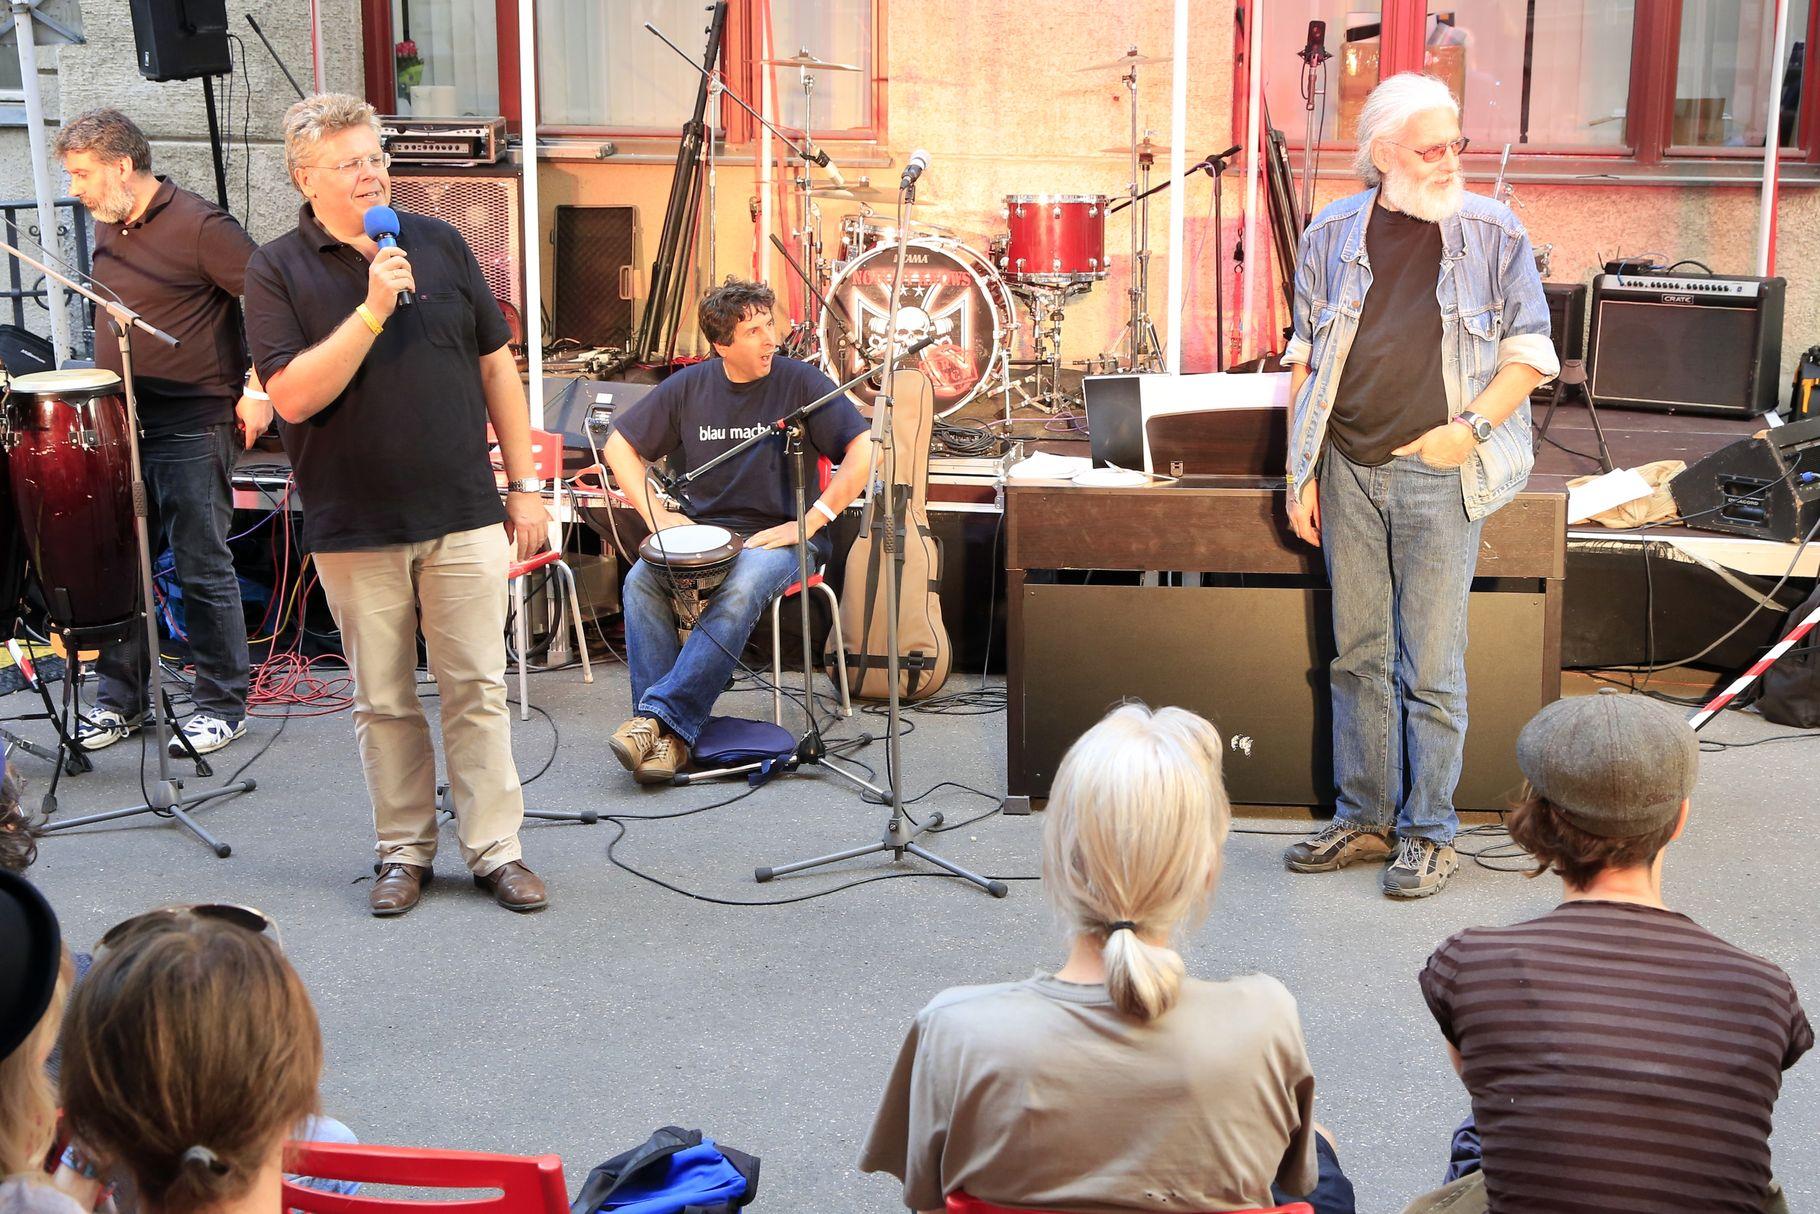 Konzerte im Bürgerhof 26.06.14 Wolfgang Krell und Wolfgang F. Lightmaster - Freiwilligen-Zentrum Augsburg - Foto: Franz Lechner